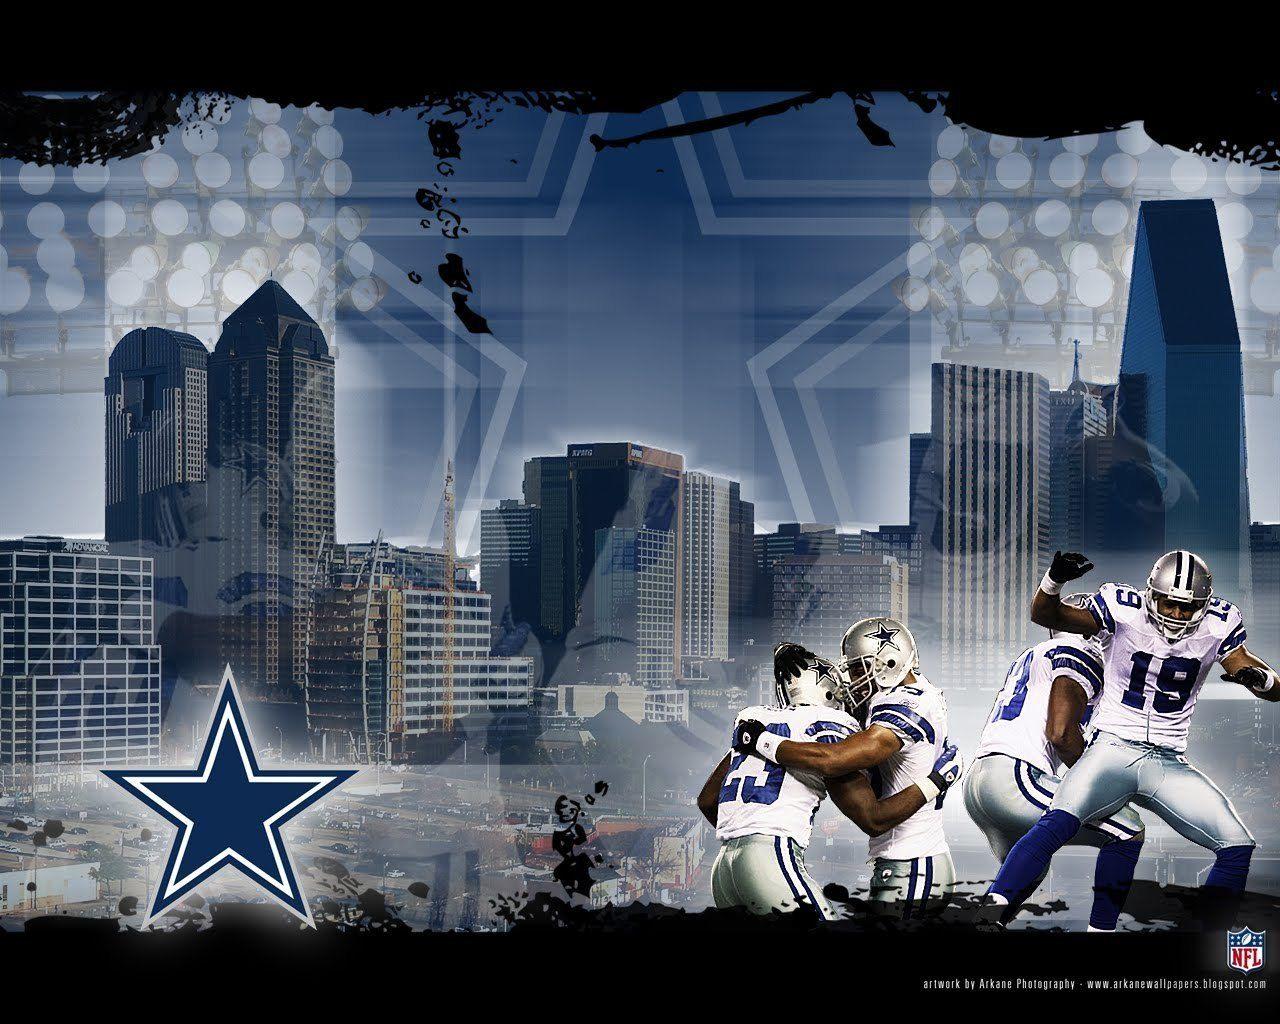 dallas cowboys wallpaper downloads sports pinterest dallas cowboys wallpaper downloads